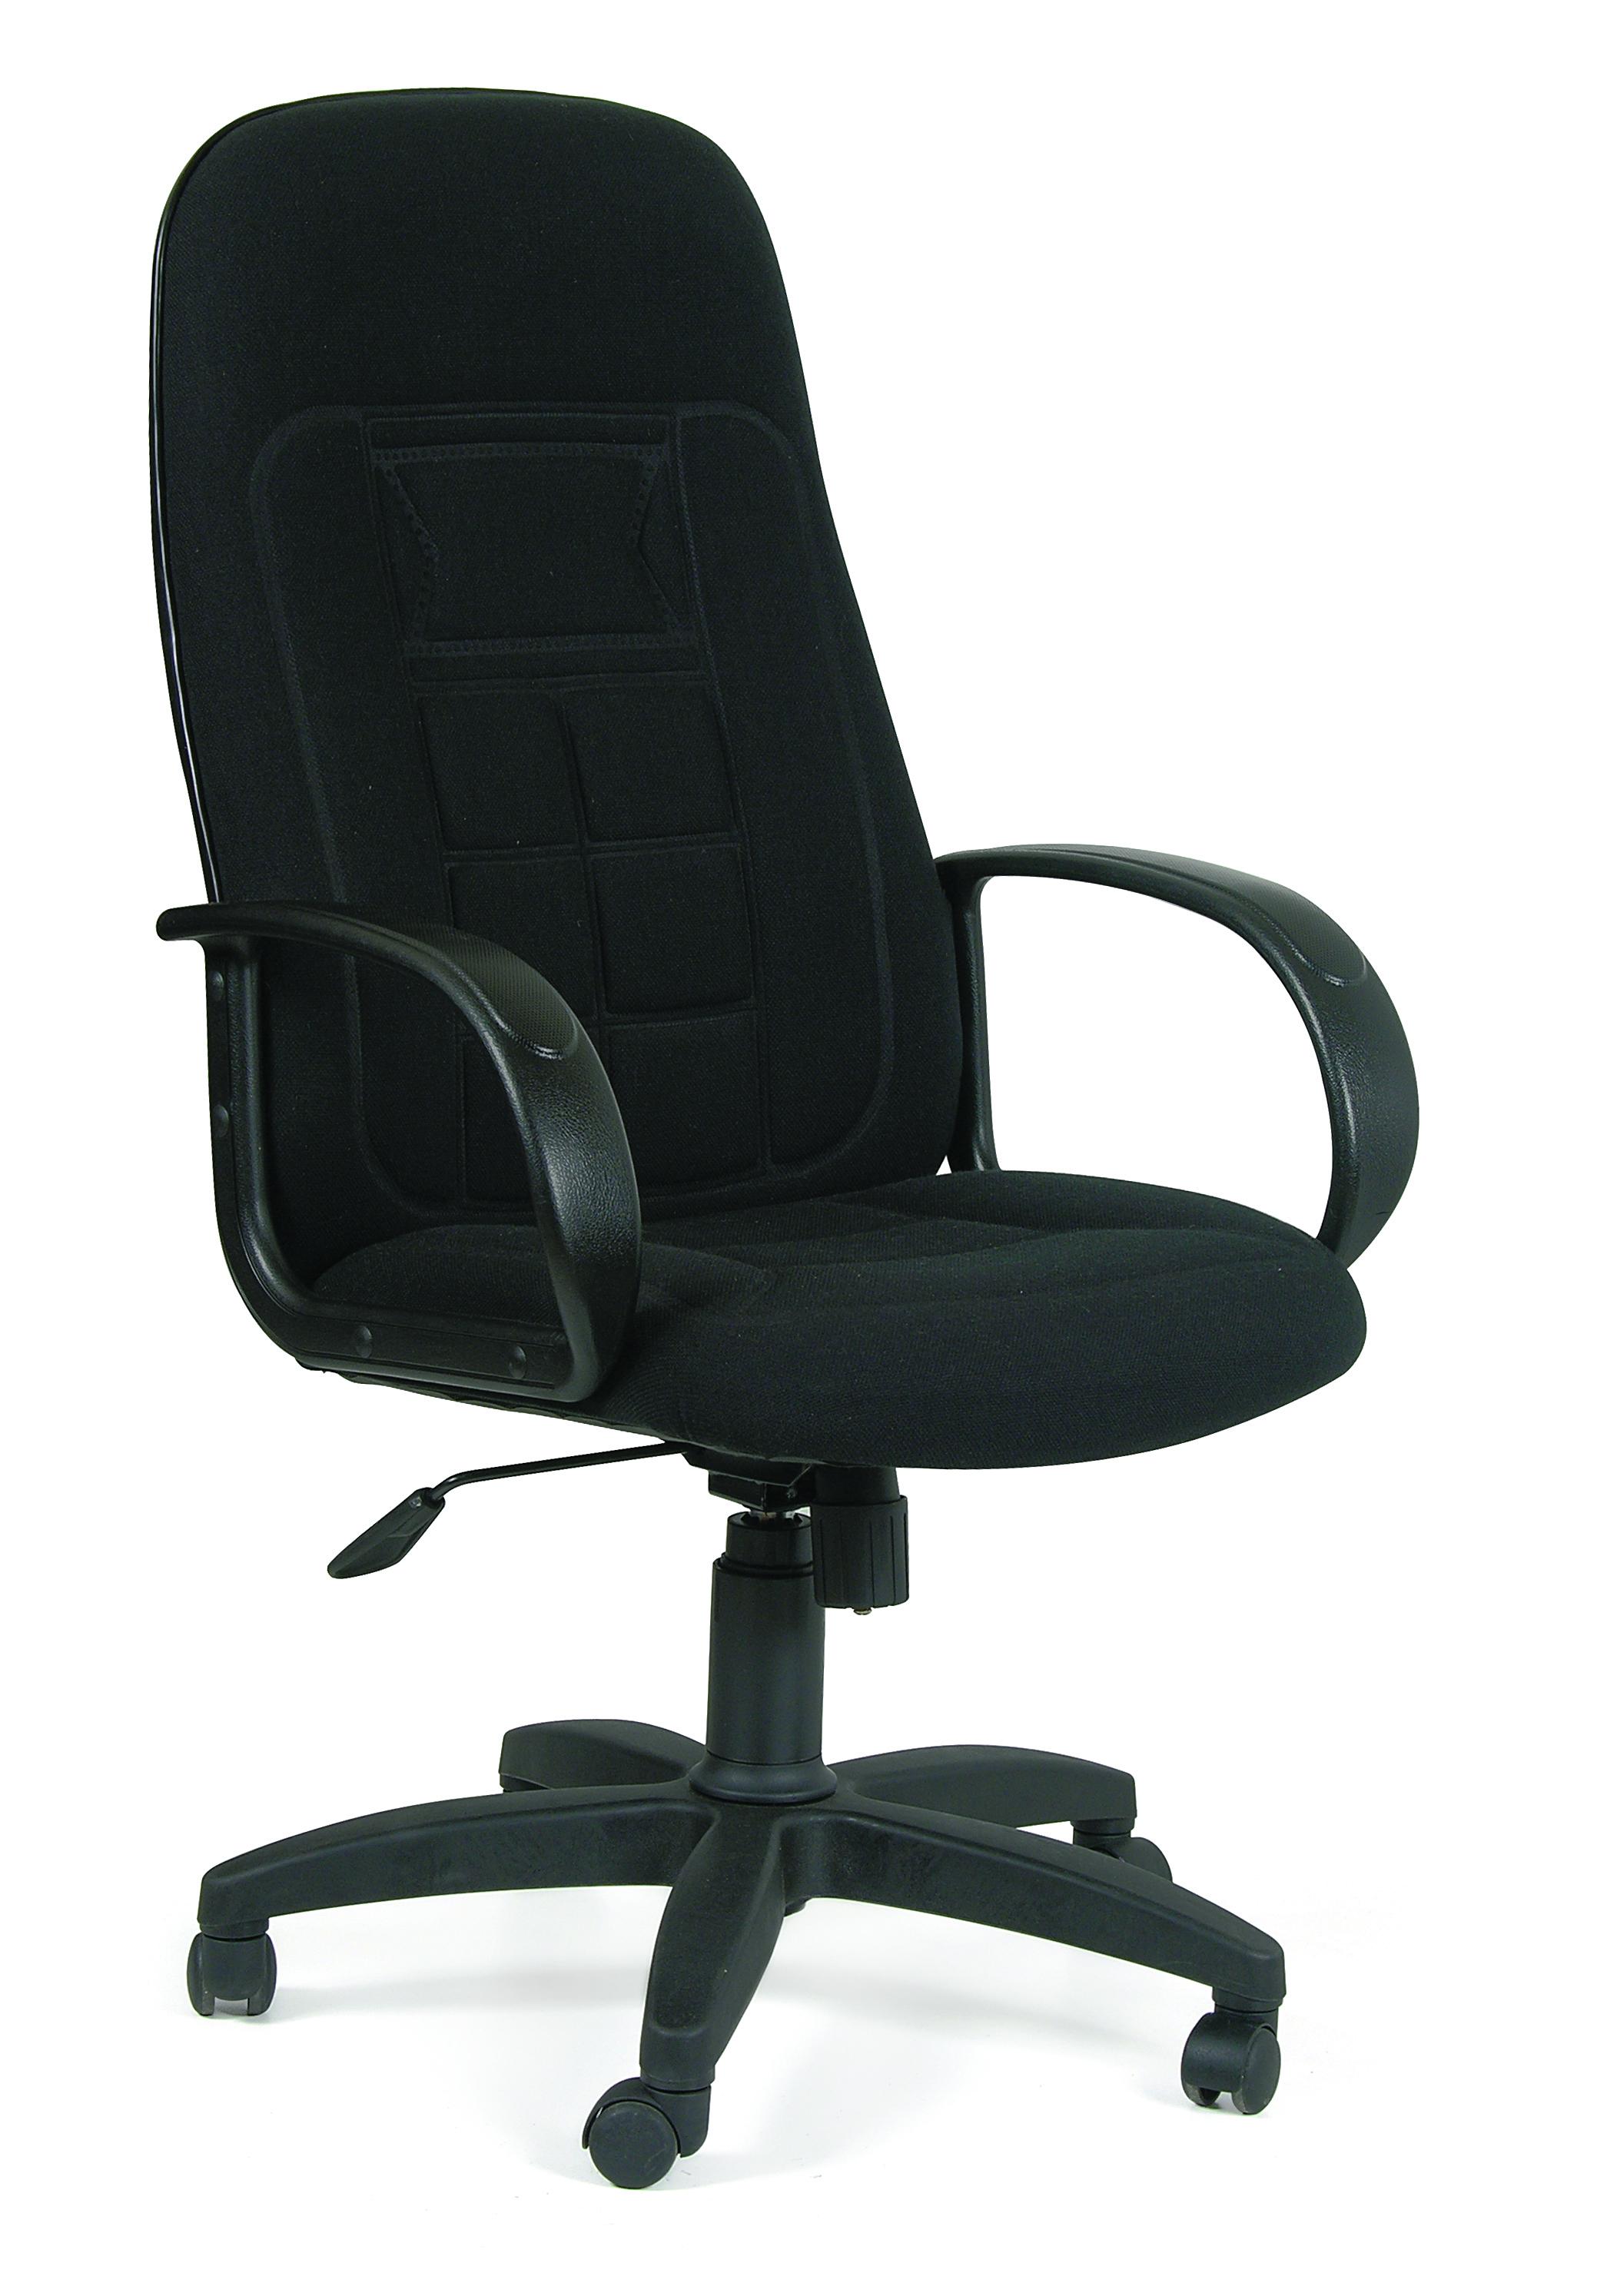 Офисное кресло CHAIRMAN 7271081743Кресло традиционной формы, но с ярким, нестандартным рисунком обивки. Рисунок - трехмерный, нанесенный методом термоклиширования, что придает креслу настоящую оригинальность и самобытность.